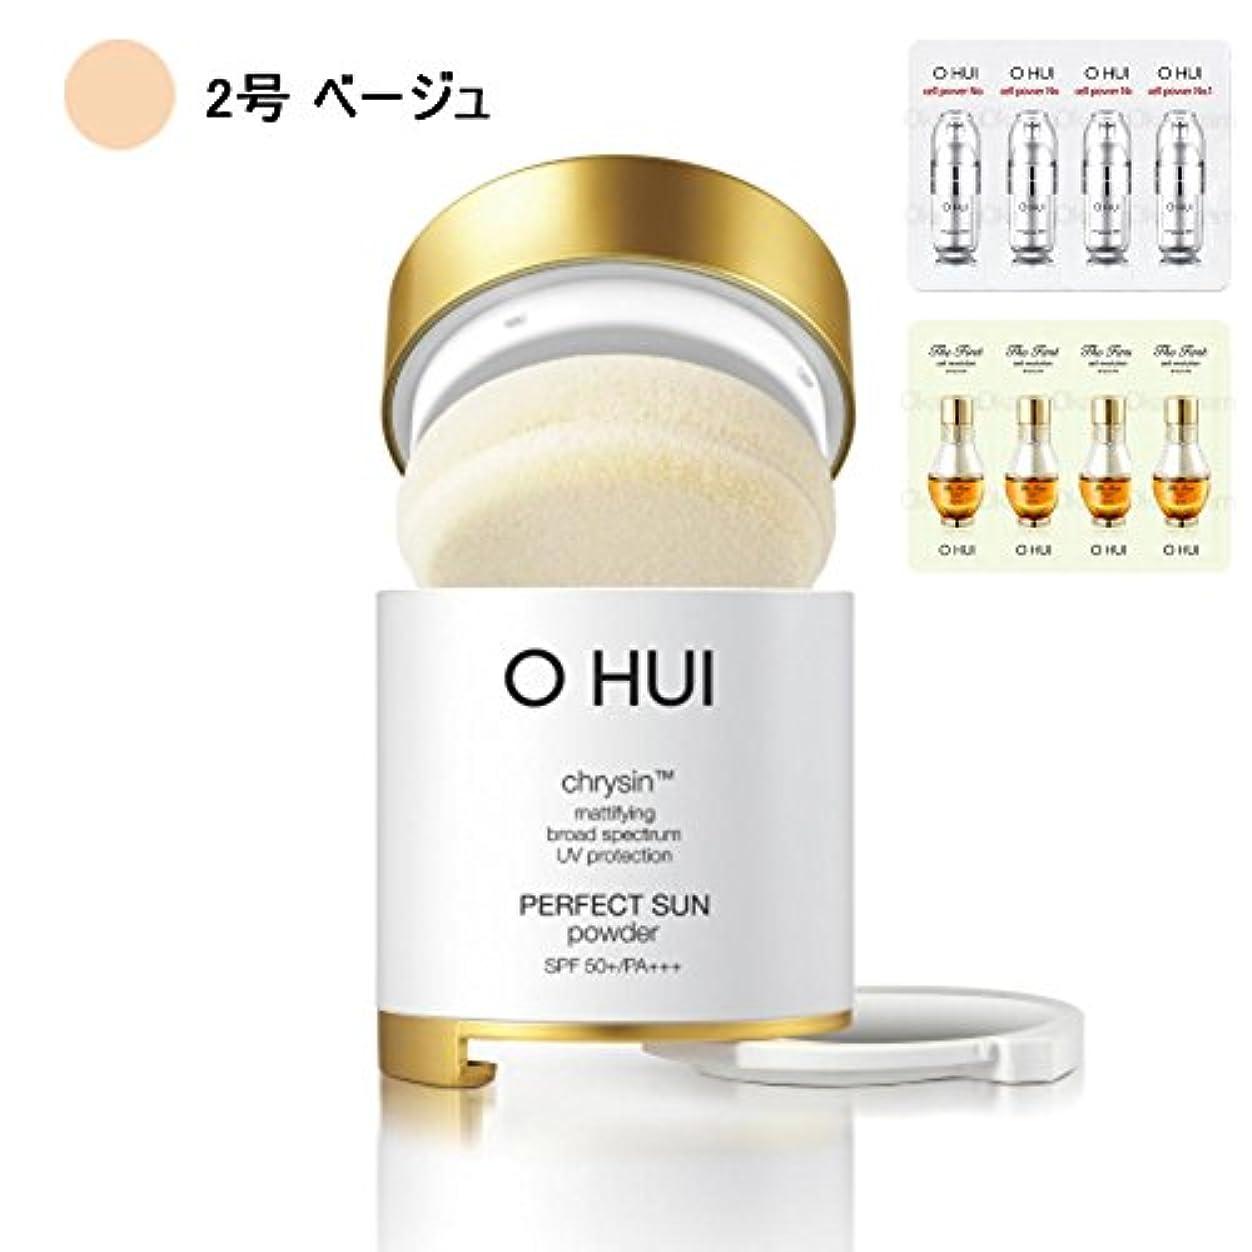 戦う復讐ジェム[オフィ/O HUI]韓国化粧品 LG生活健康/OHUI OFS06 PERFECT SUN POWDER/オフィ パーフェクトサンパウダー 2号 (SPF50+/PA+++) +[Sample Gift](海外直送品)